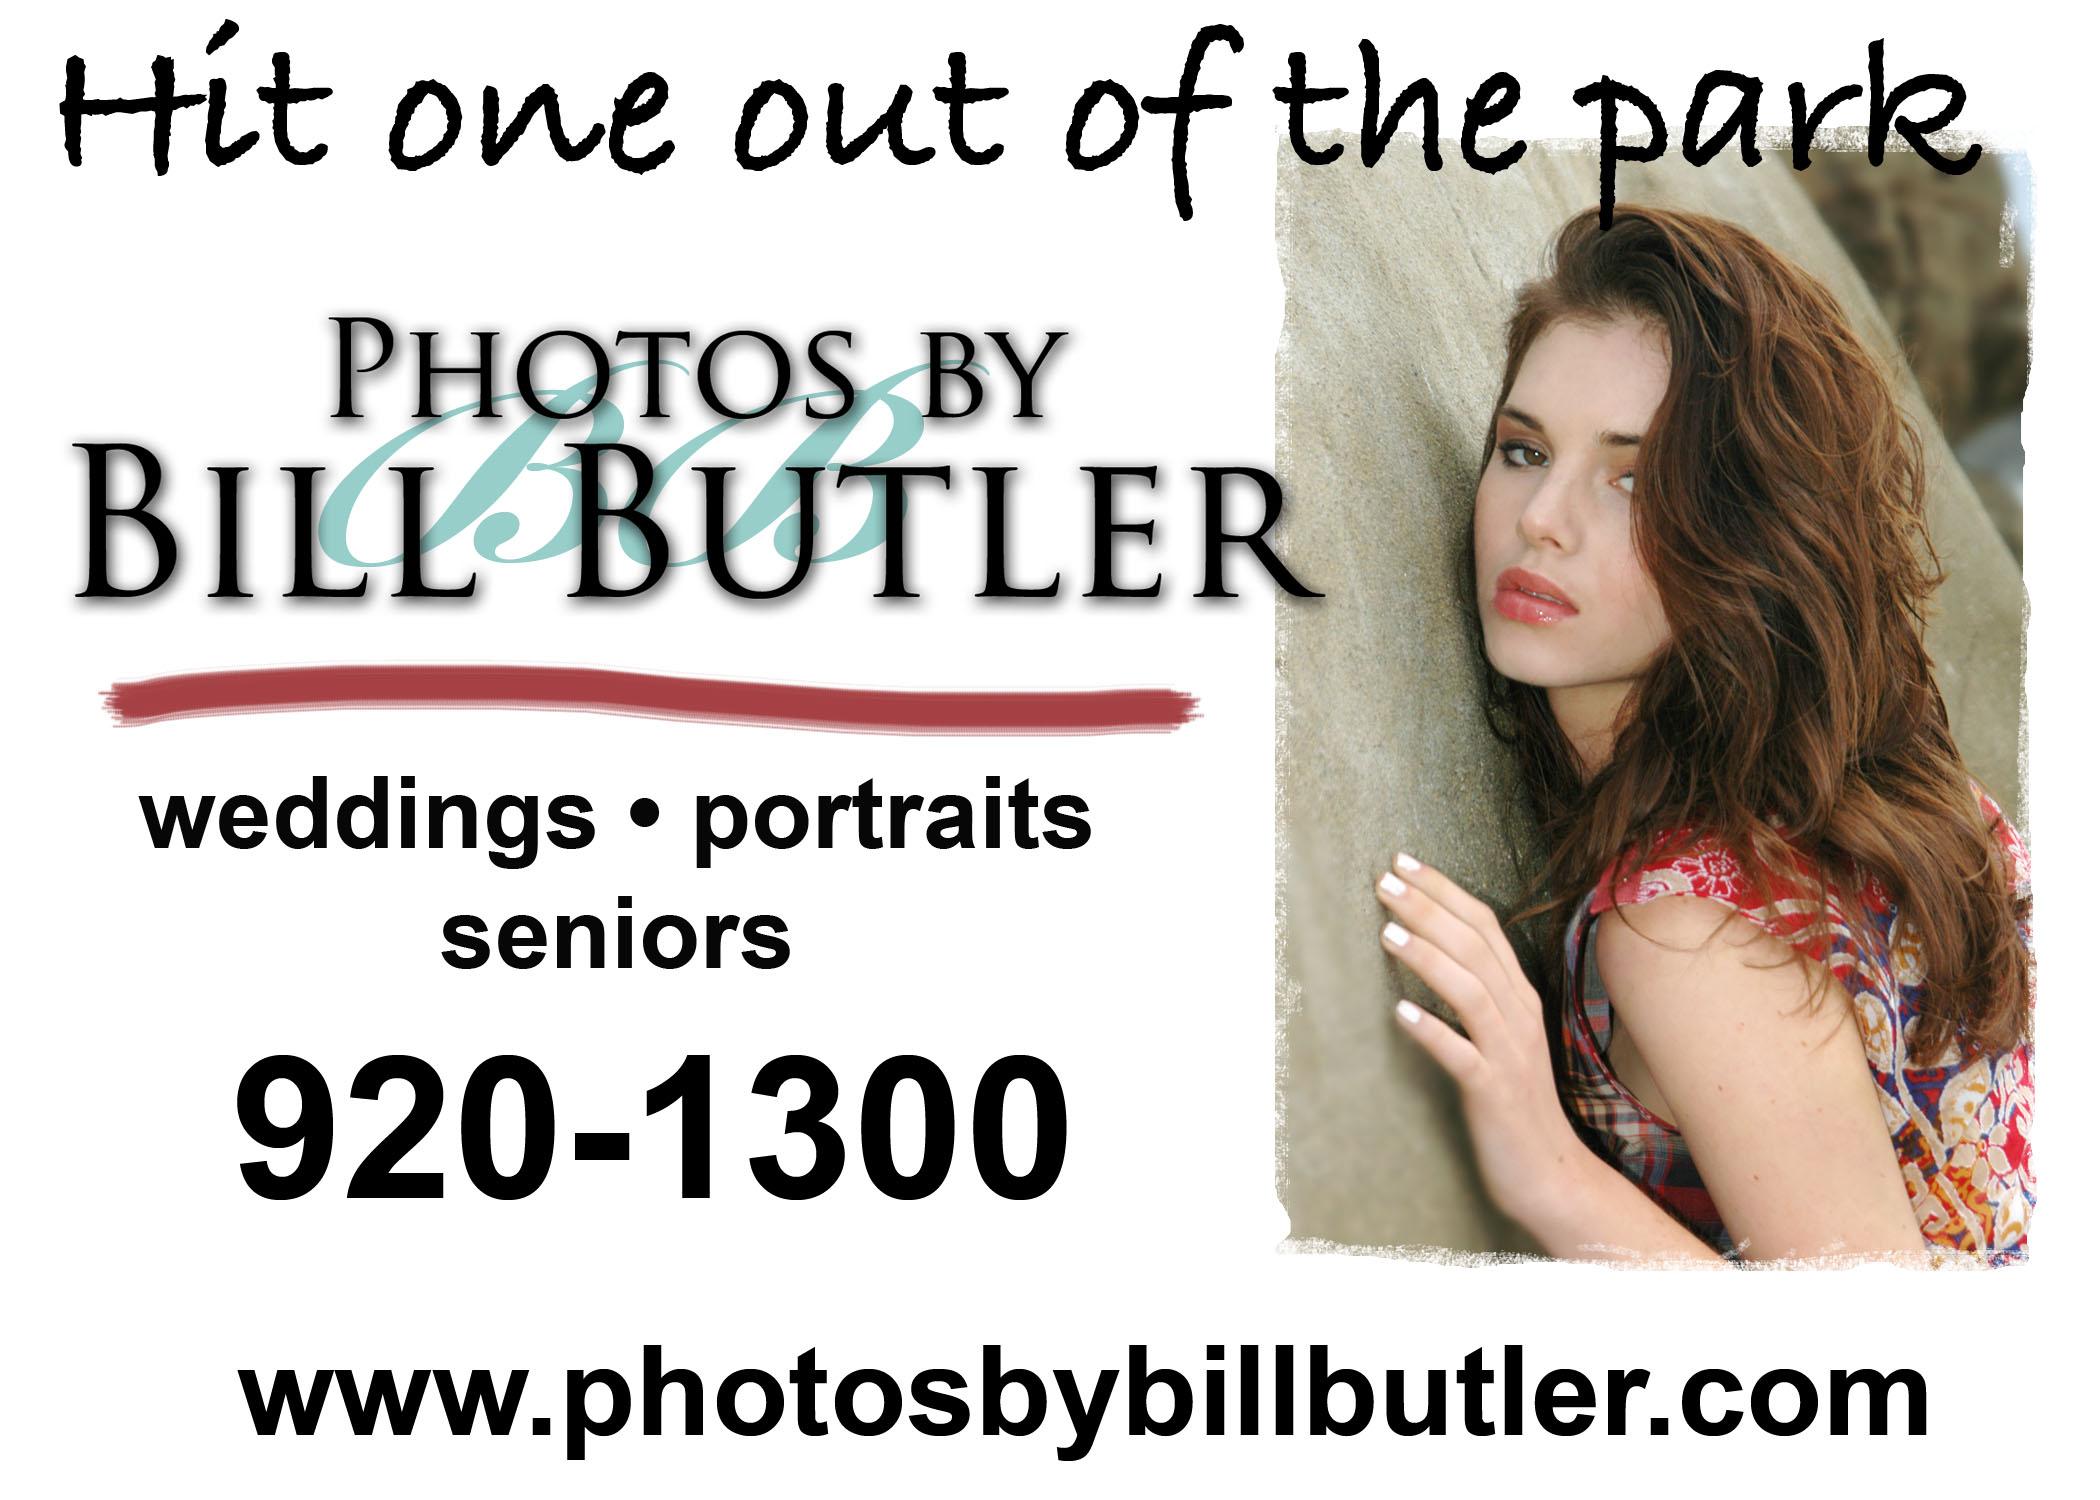 butler adv.jpg